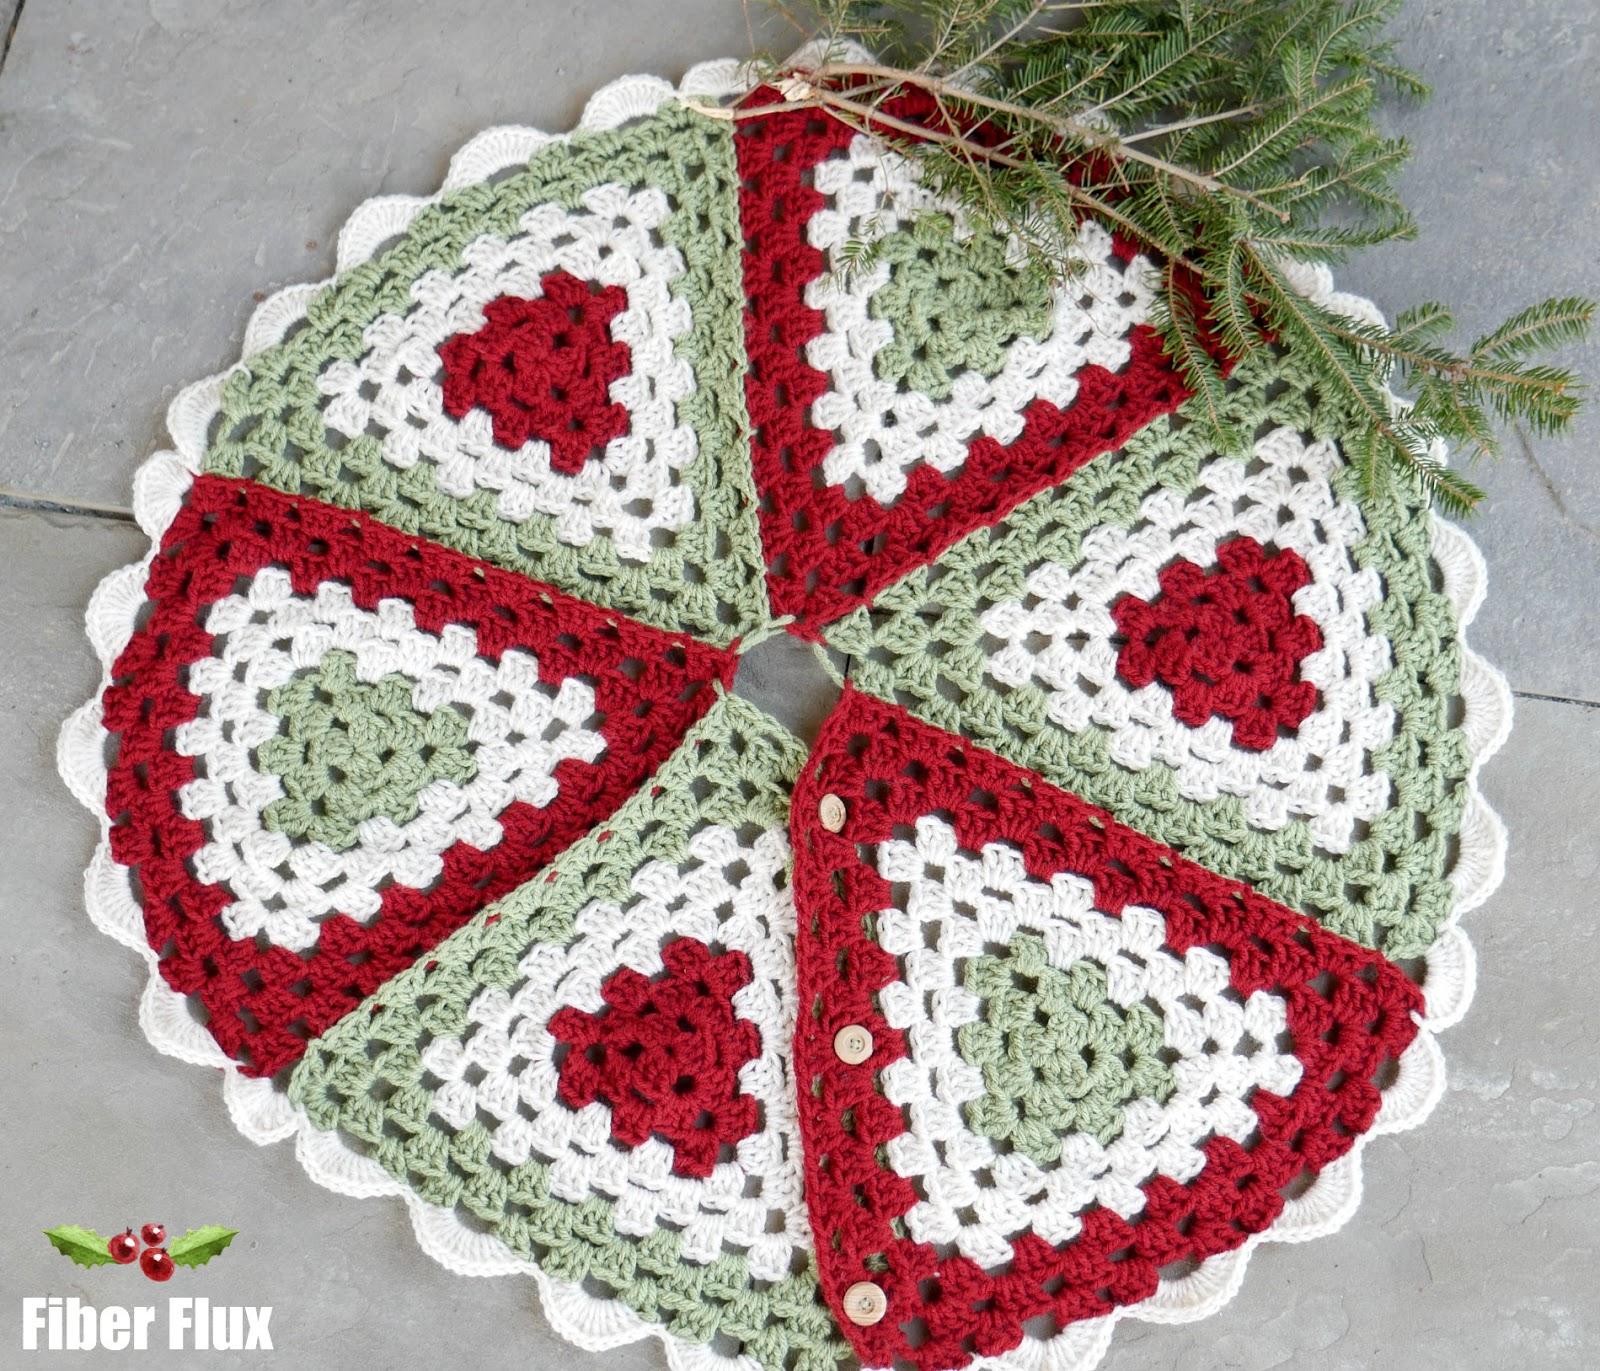 Fiber Flux The Big Crochet Along Revealesenting The Nostalgic